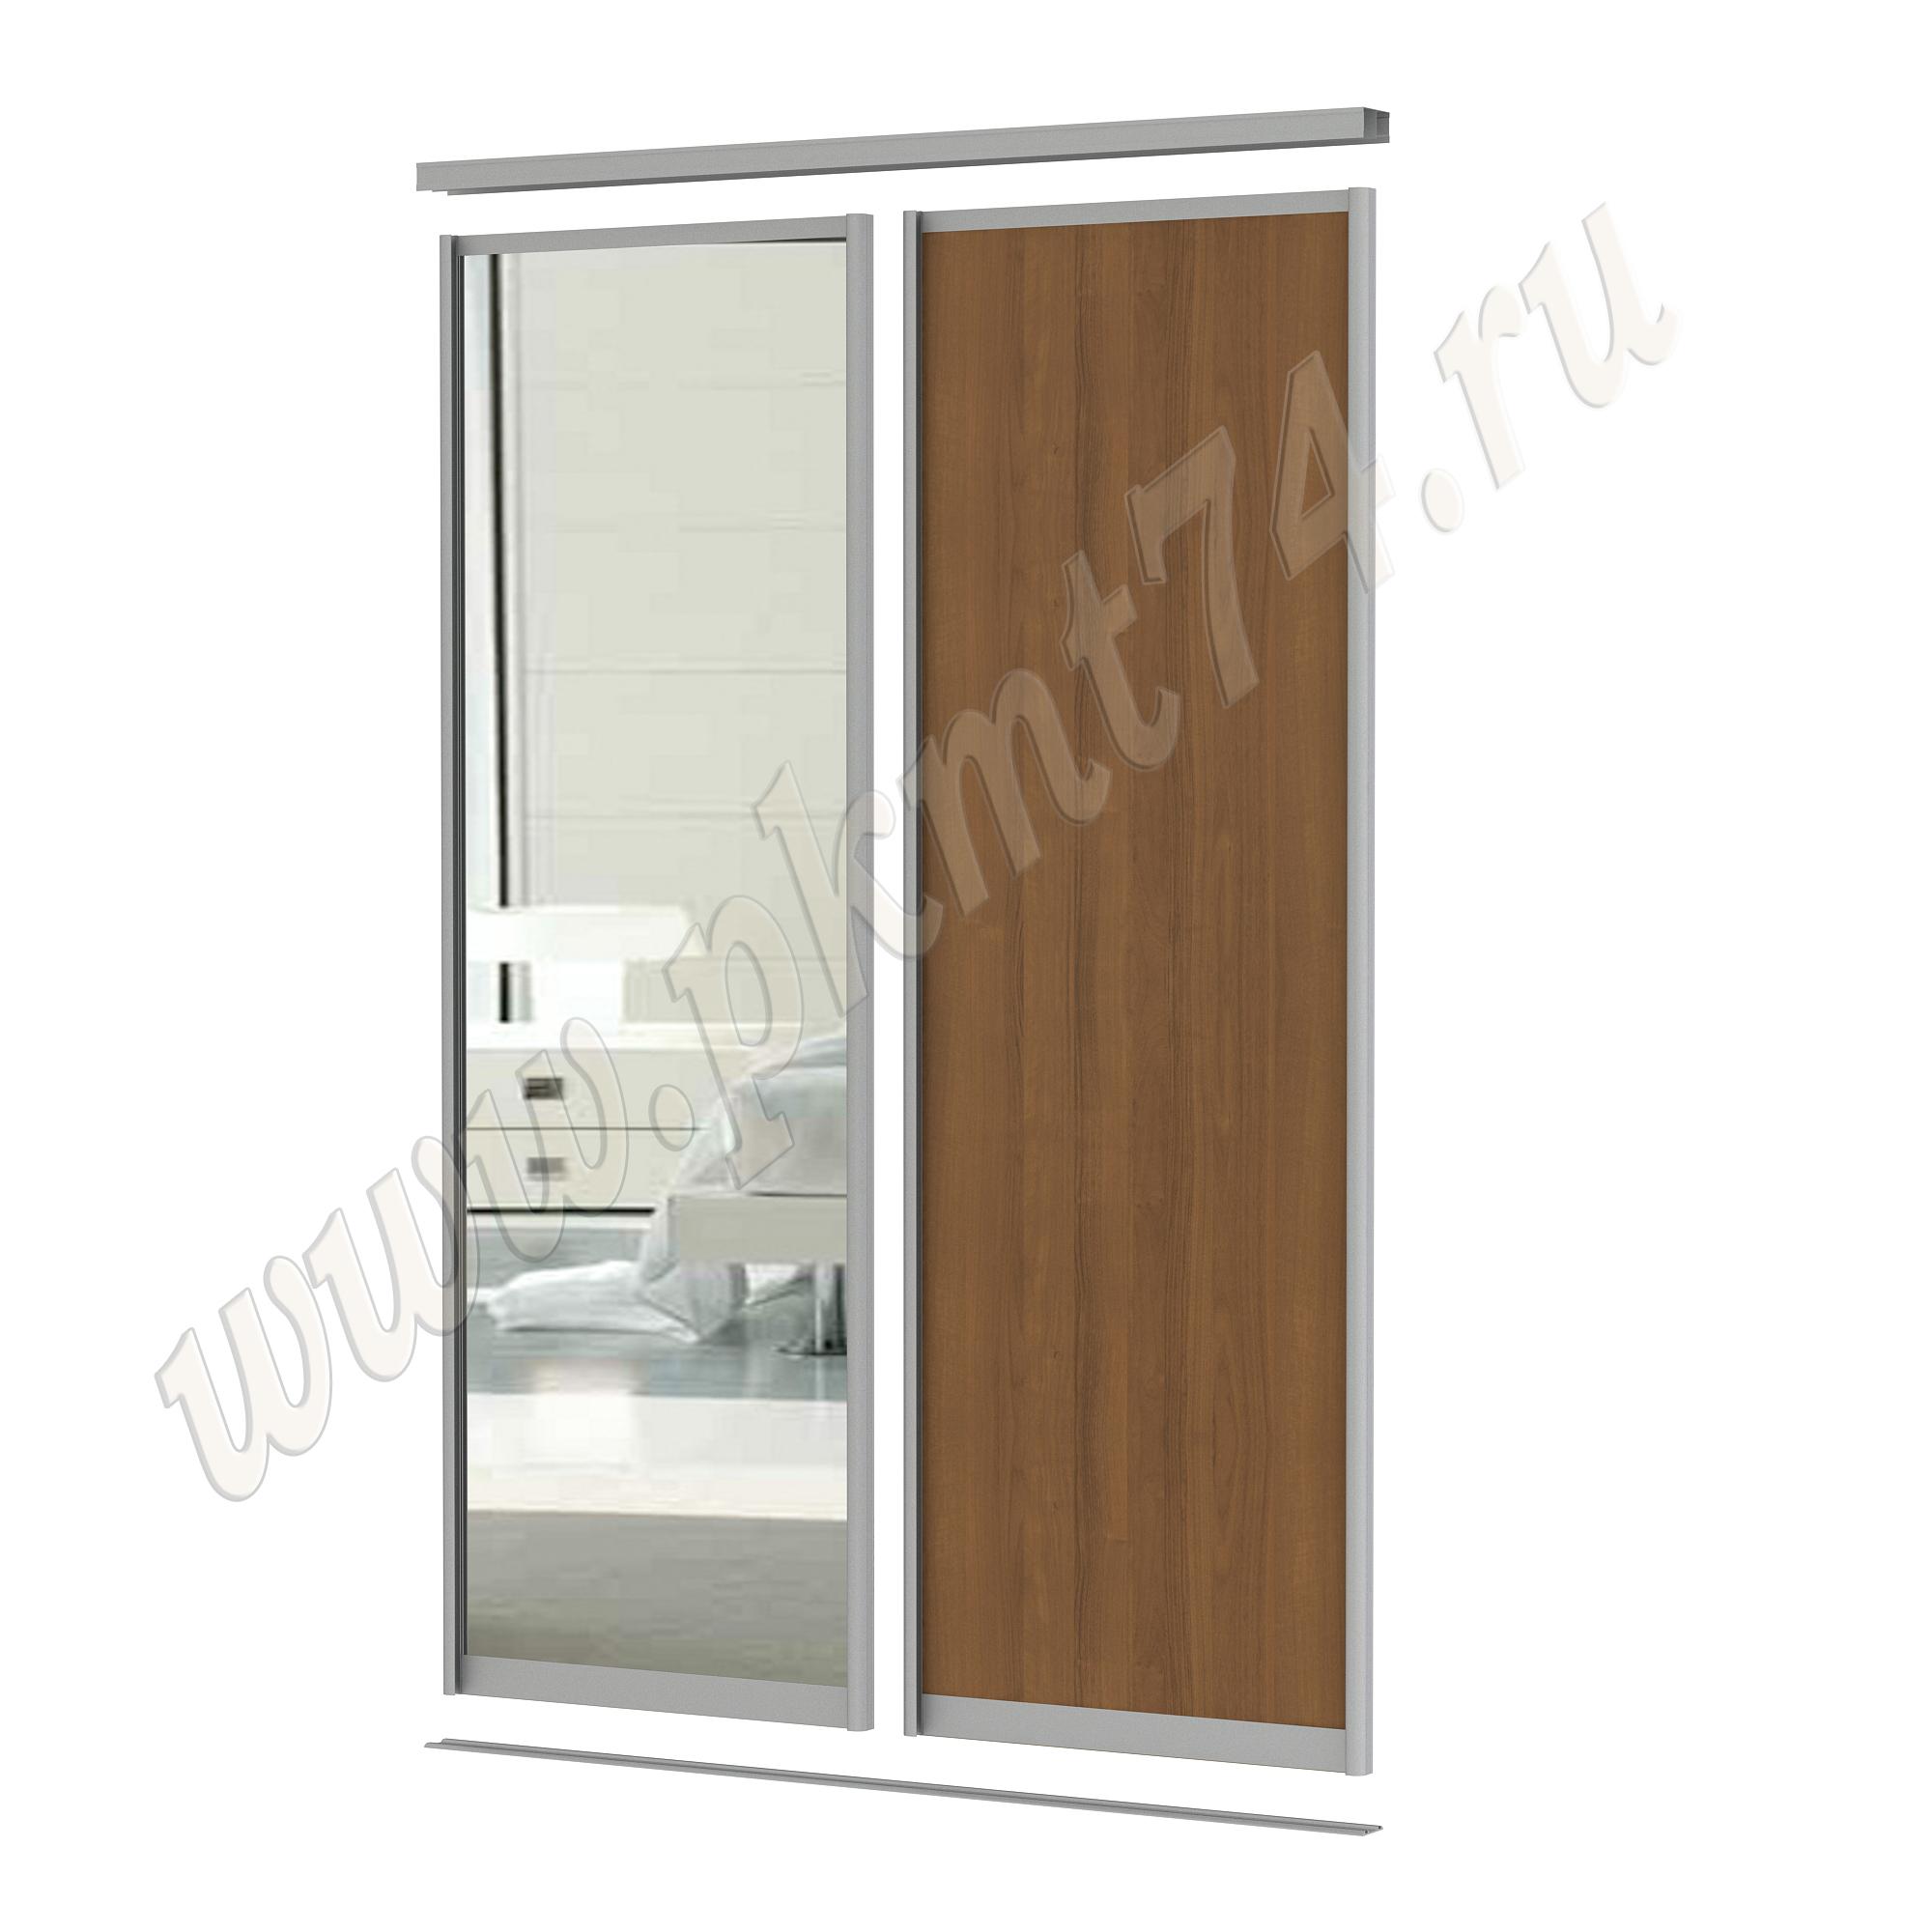 Комбинированные двери для шкафа купе [Размер:: 1500х2500; Цвет ЛДСП:: Орех Экко]